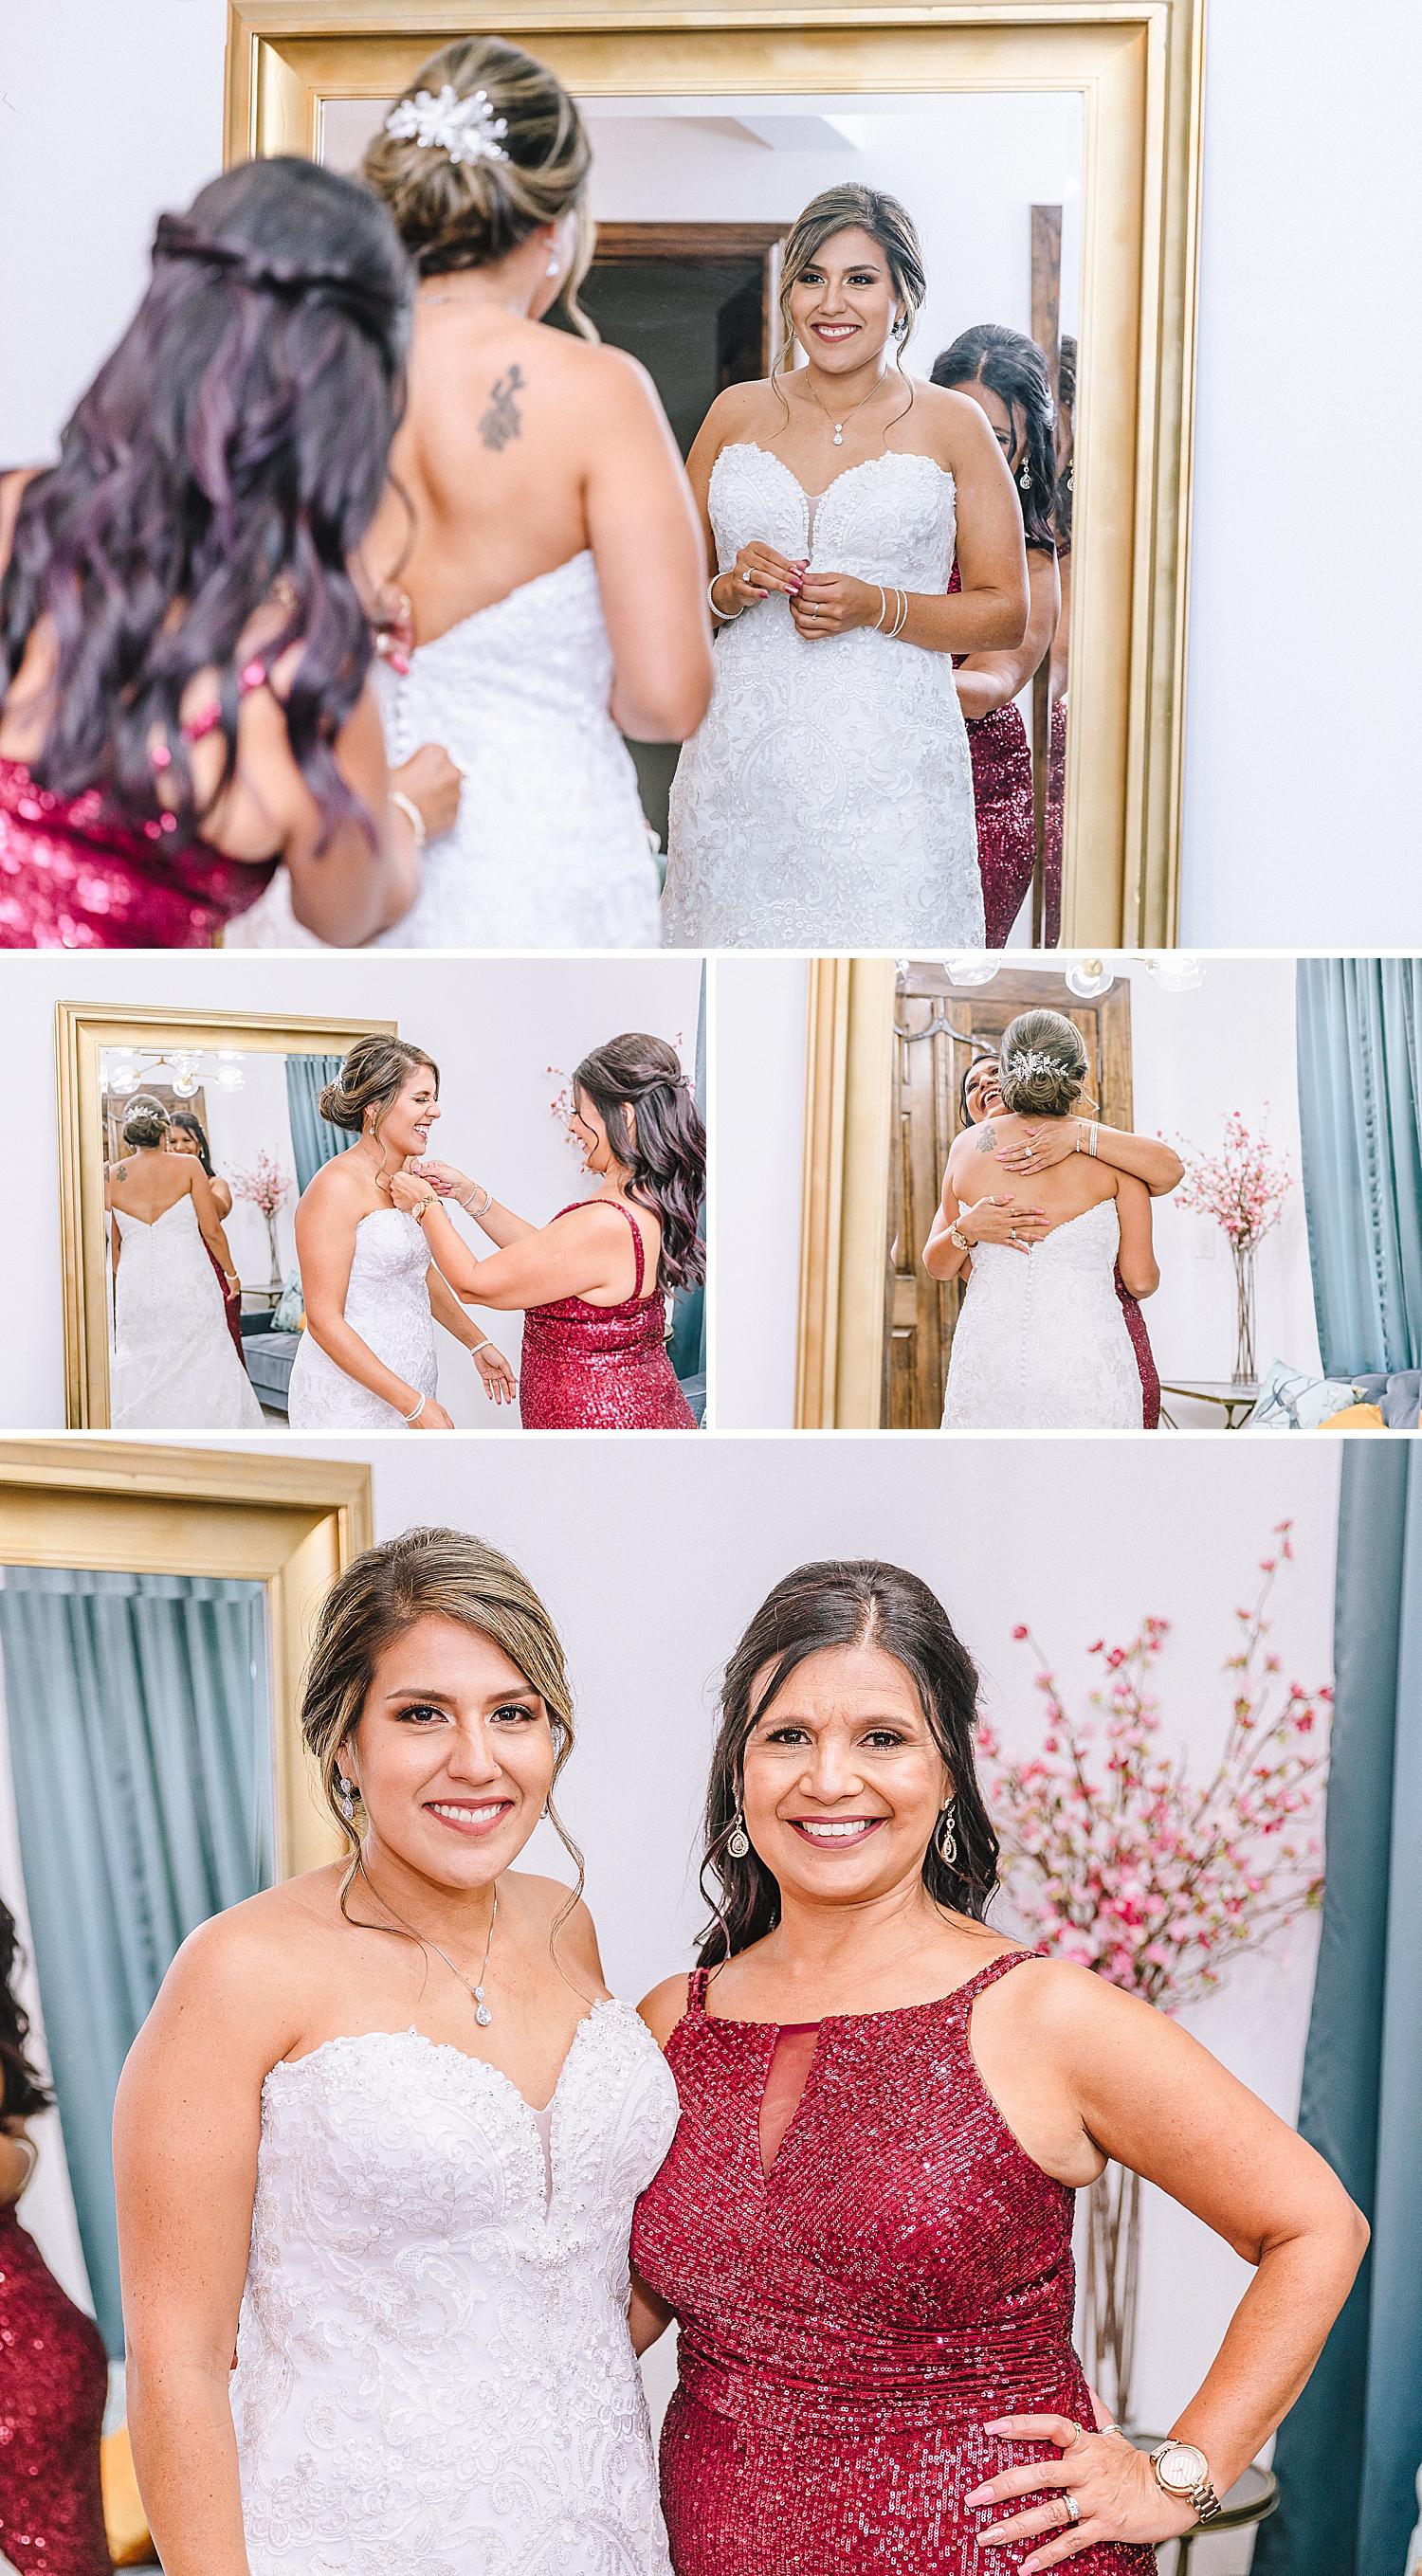 Carly-Barton-Photography-The-Villa-at-Cielo-Vista-Blush-Gold-White-Wedding-Photos_0106.jpg